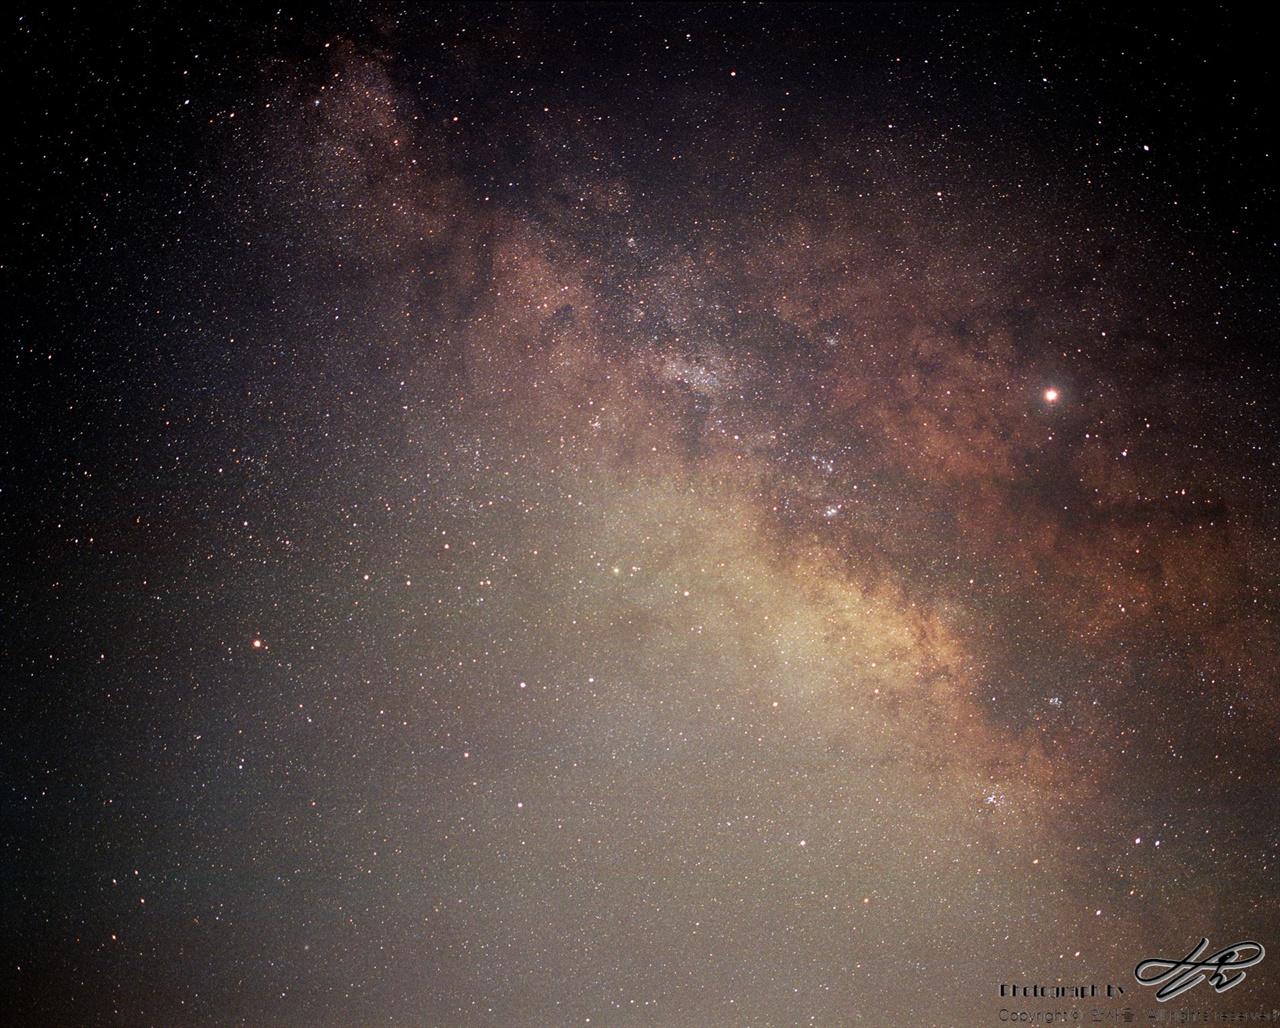 은하수 (Pro400H/F2.8/노출 25분)바로 위 사진과 같은 위치이지만 화각이 다르다. 90mm(환산45mm)로 담았다. 별과 성운들 사이 까만 부분은 우주의 먼지가 빛을 가리고 있는 것이다.